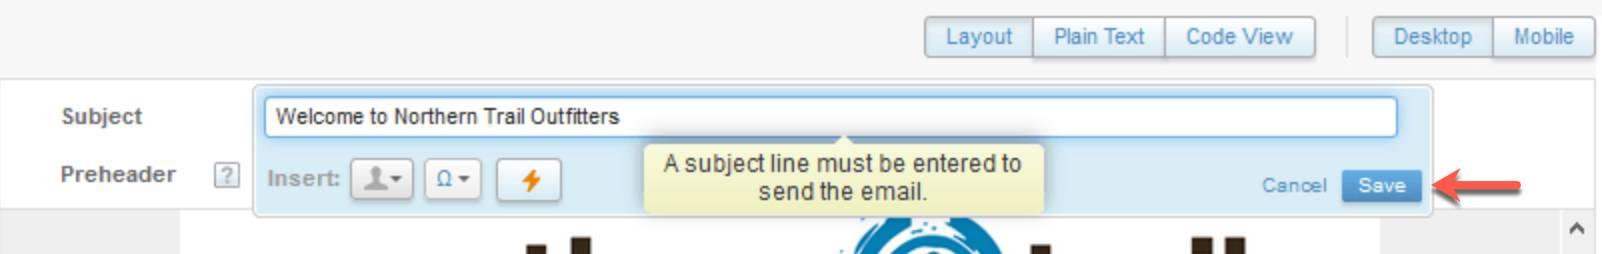 [Subject (件名)] 行ボックスの右下隅にある [Save (保存)] ボタンを指している赤い矢印を示すスクリーンショット。